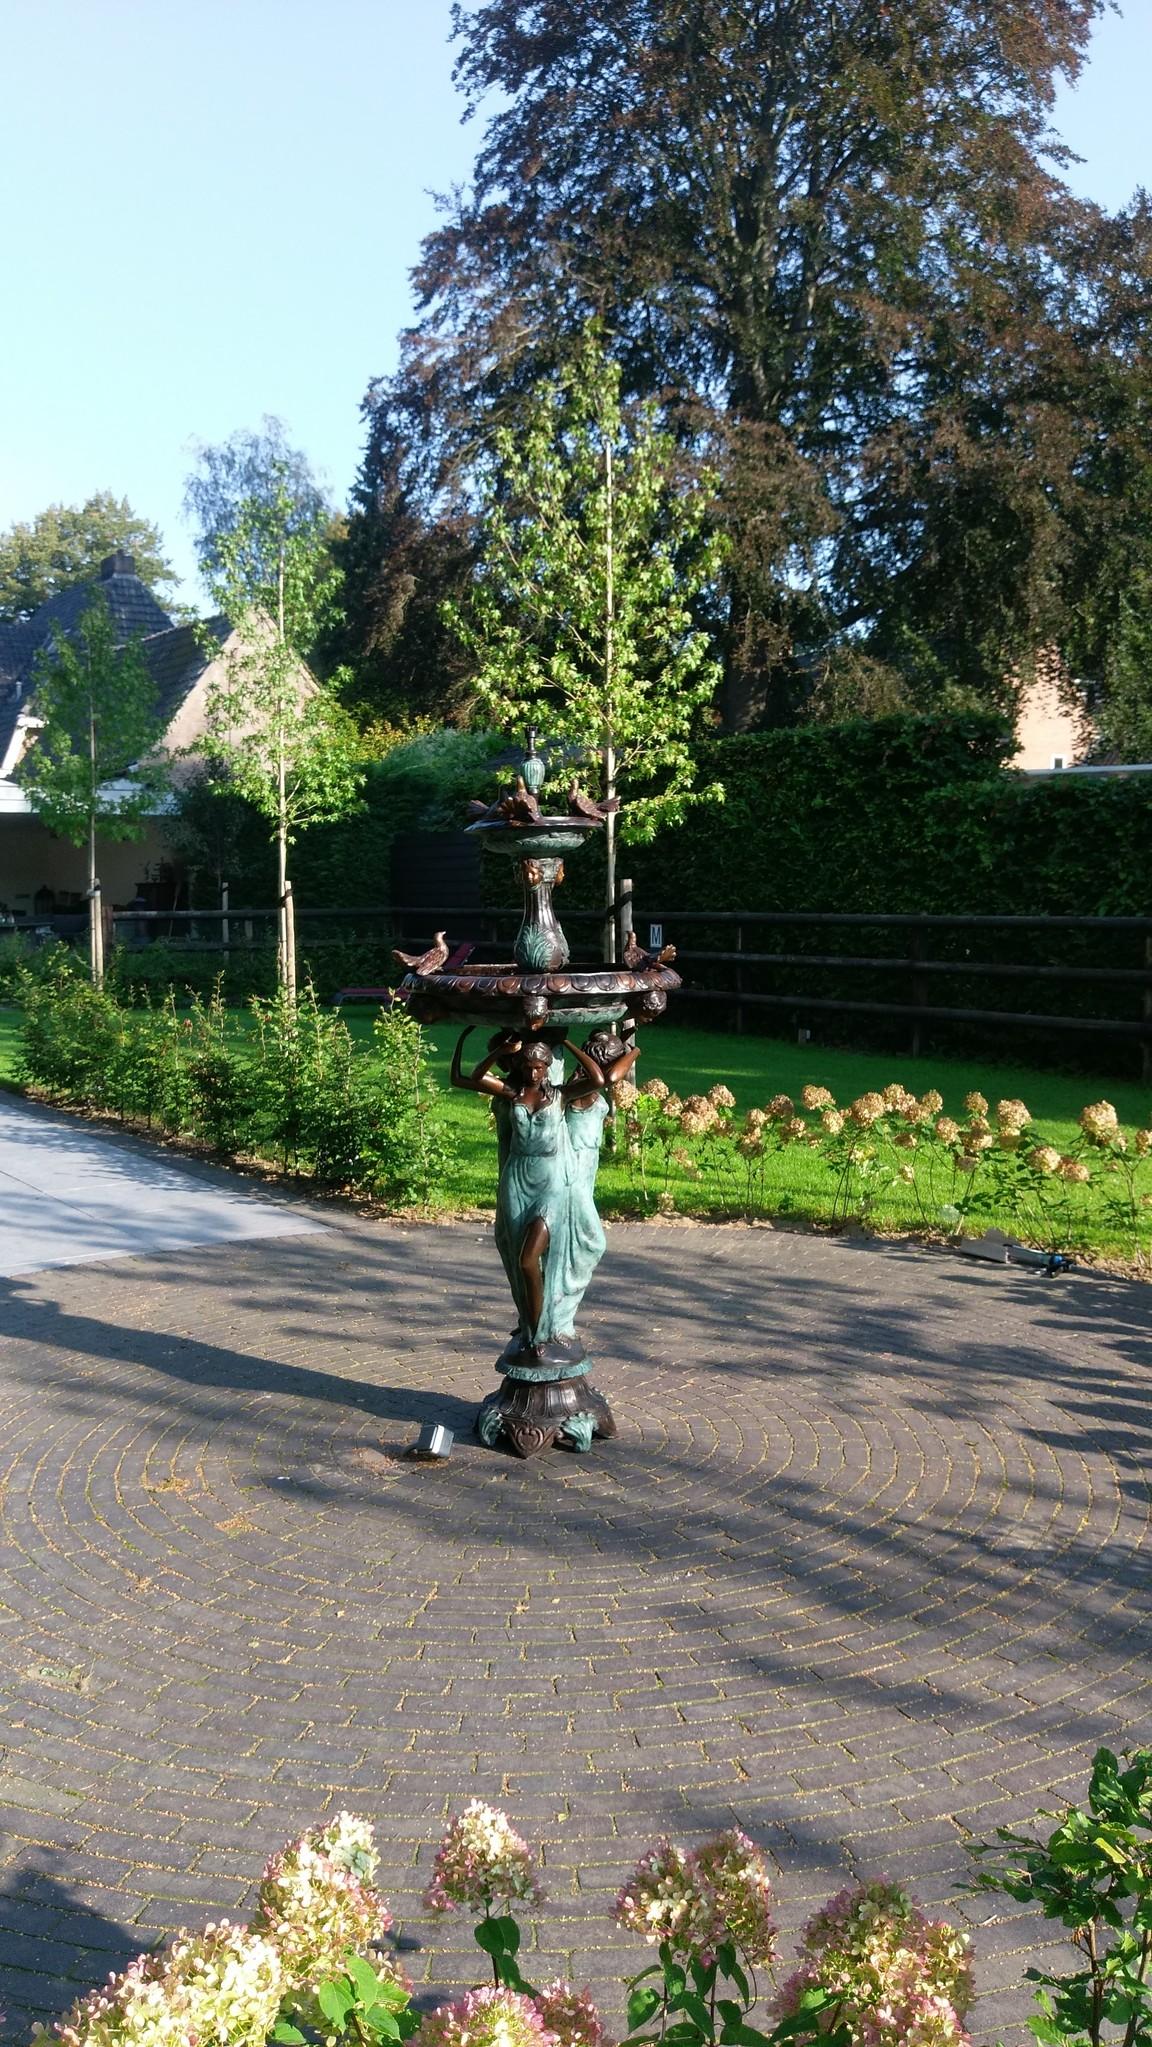 Bronzen Beelden:  3 Vrouwen met vogel fontein-6